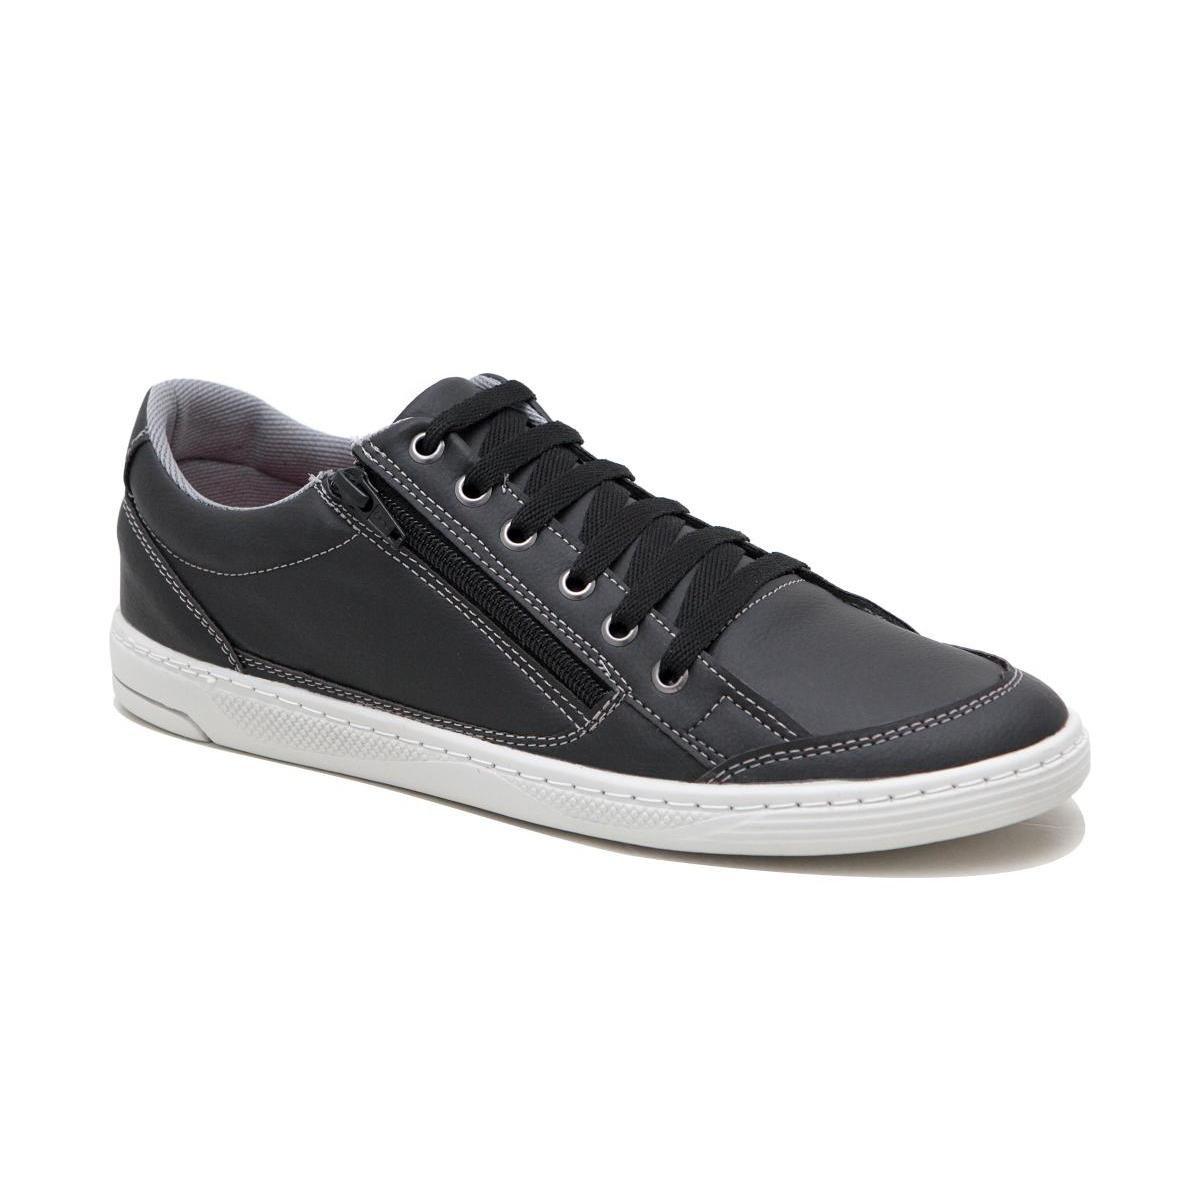 Preto Básico Básico Sapatênis Casual Masculino Casual Casual Shoes Masculino Shoes Preto Sapatênis Doc Sapatênis Doc pwgfRqH